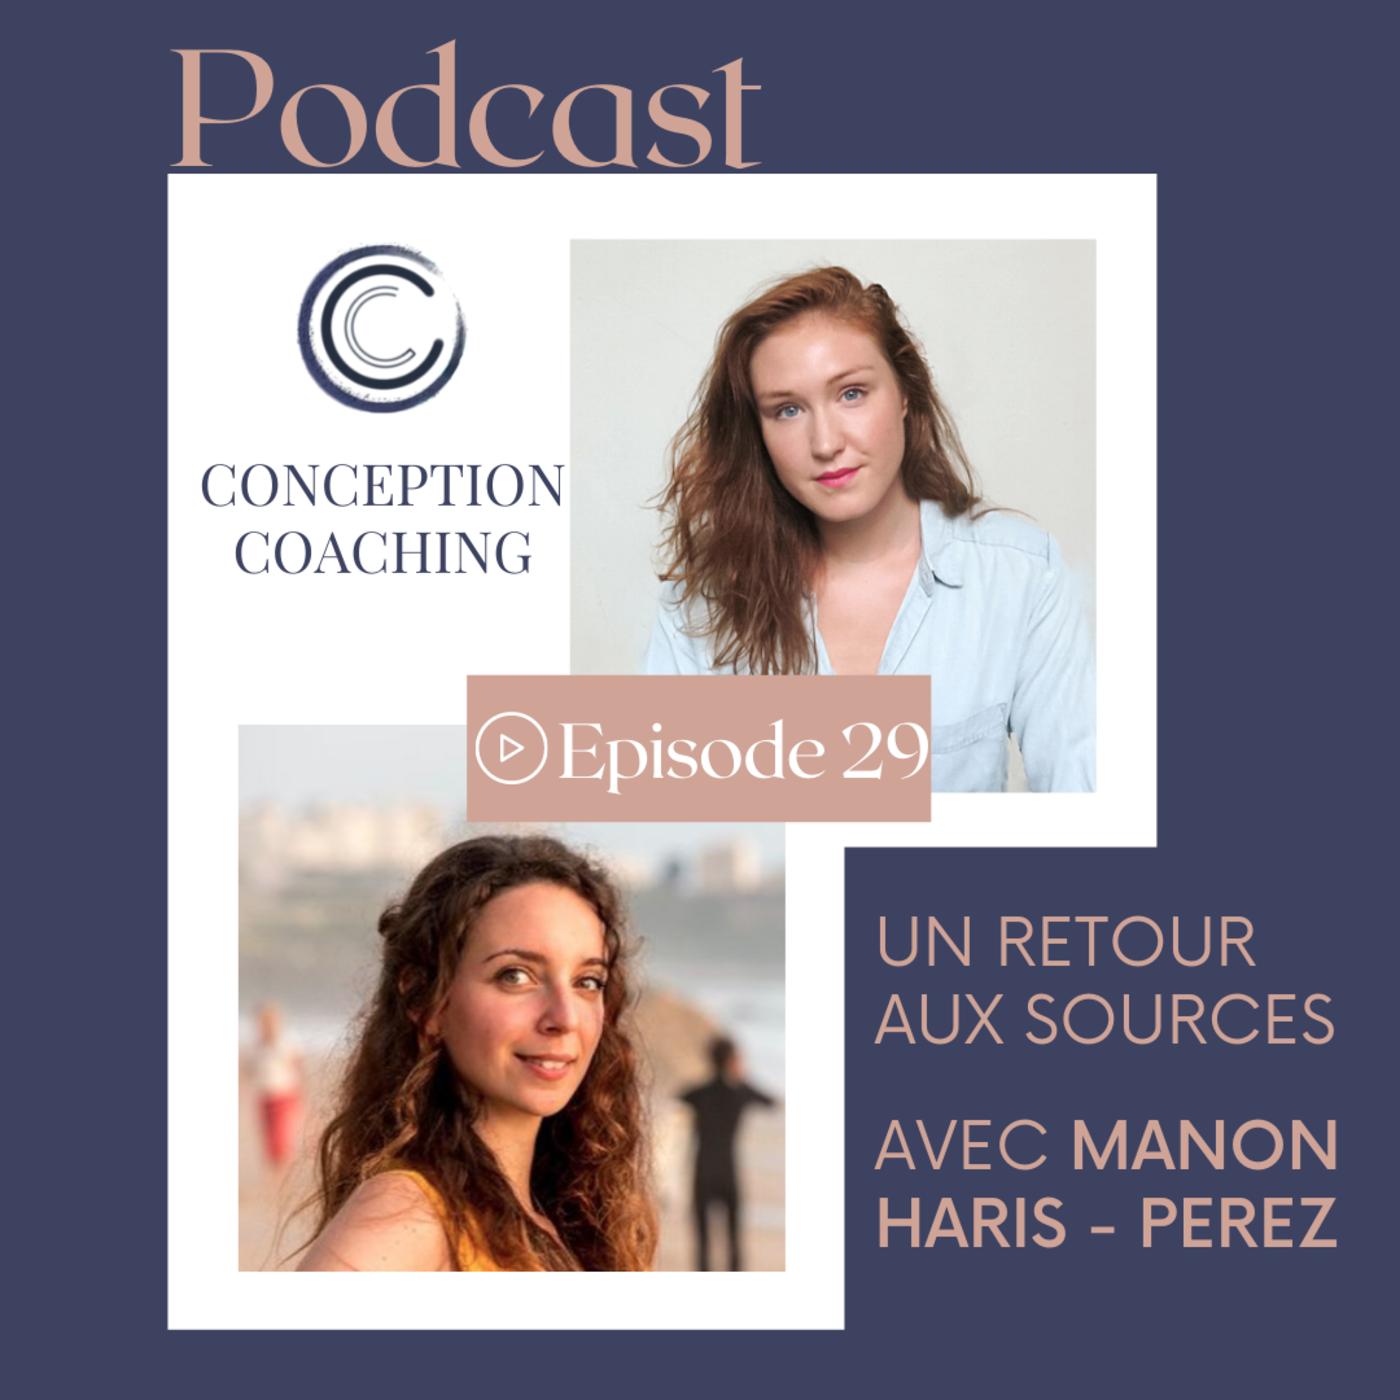 #29 Un retour aux sources avec Manon Haris-Perez